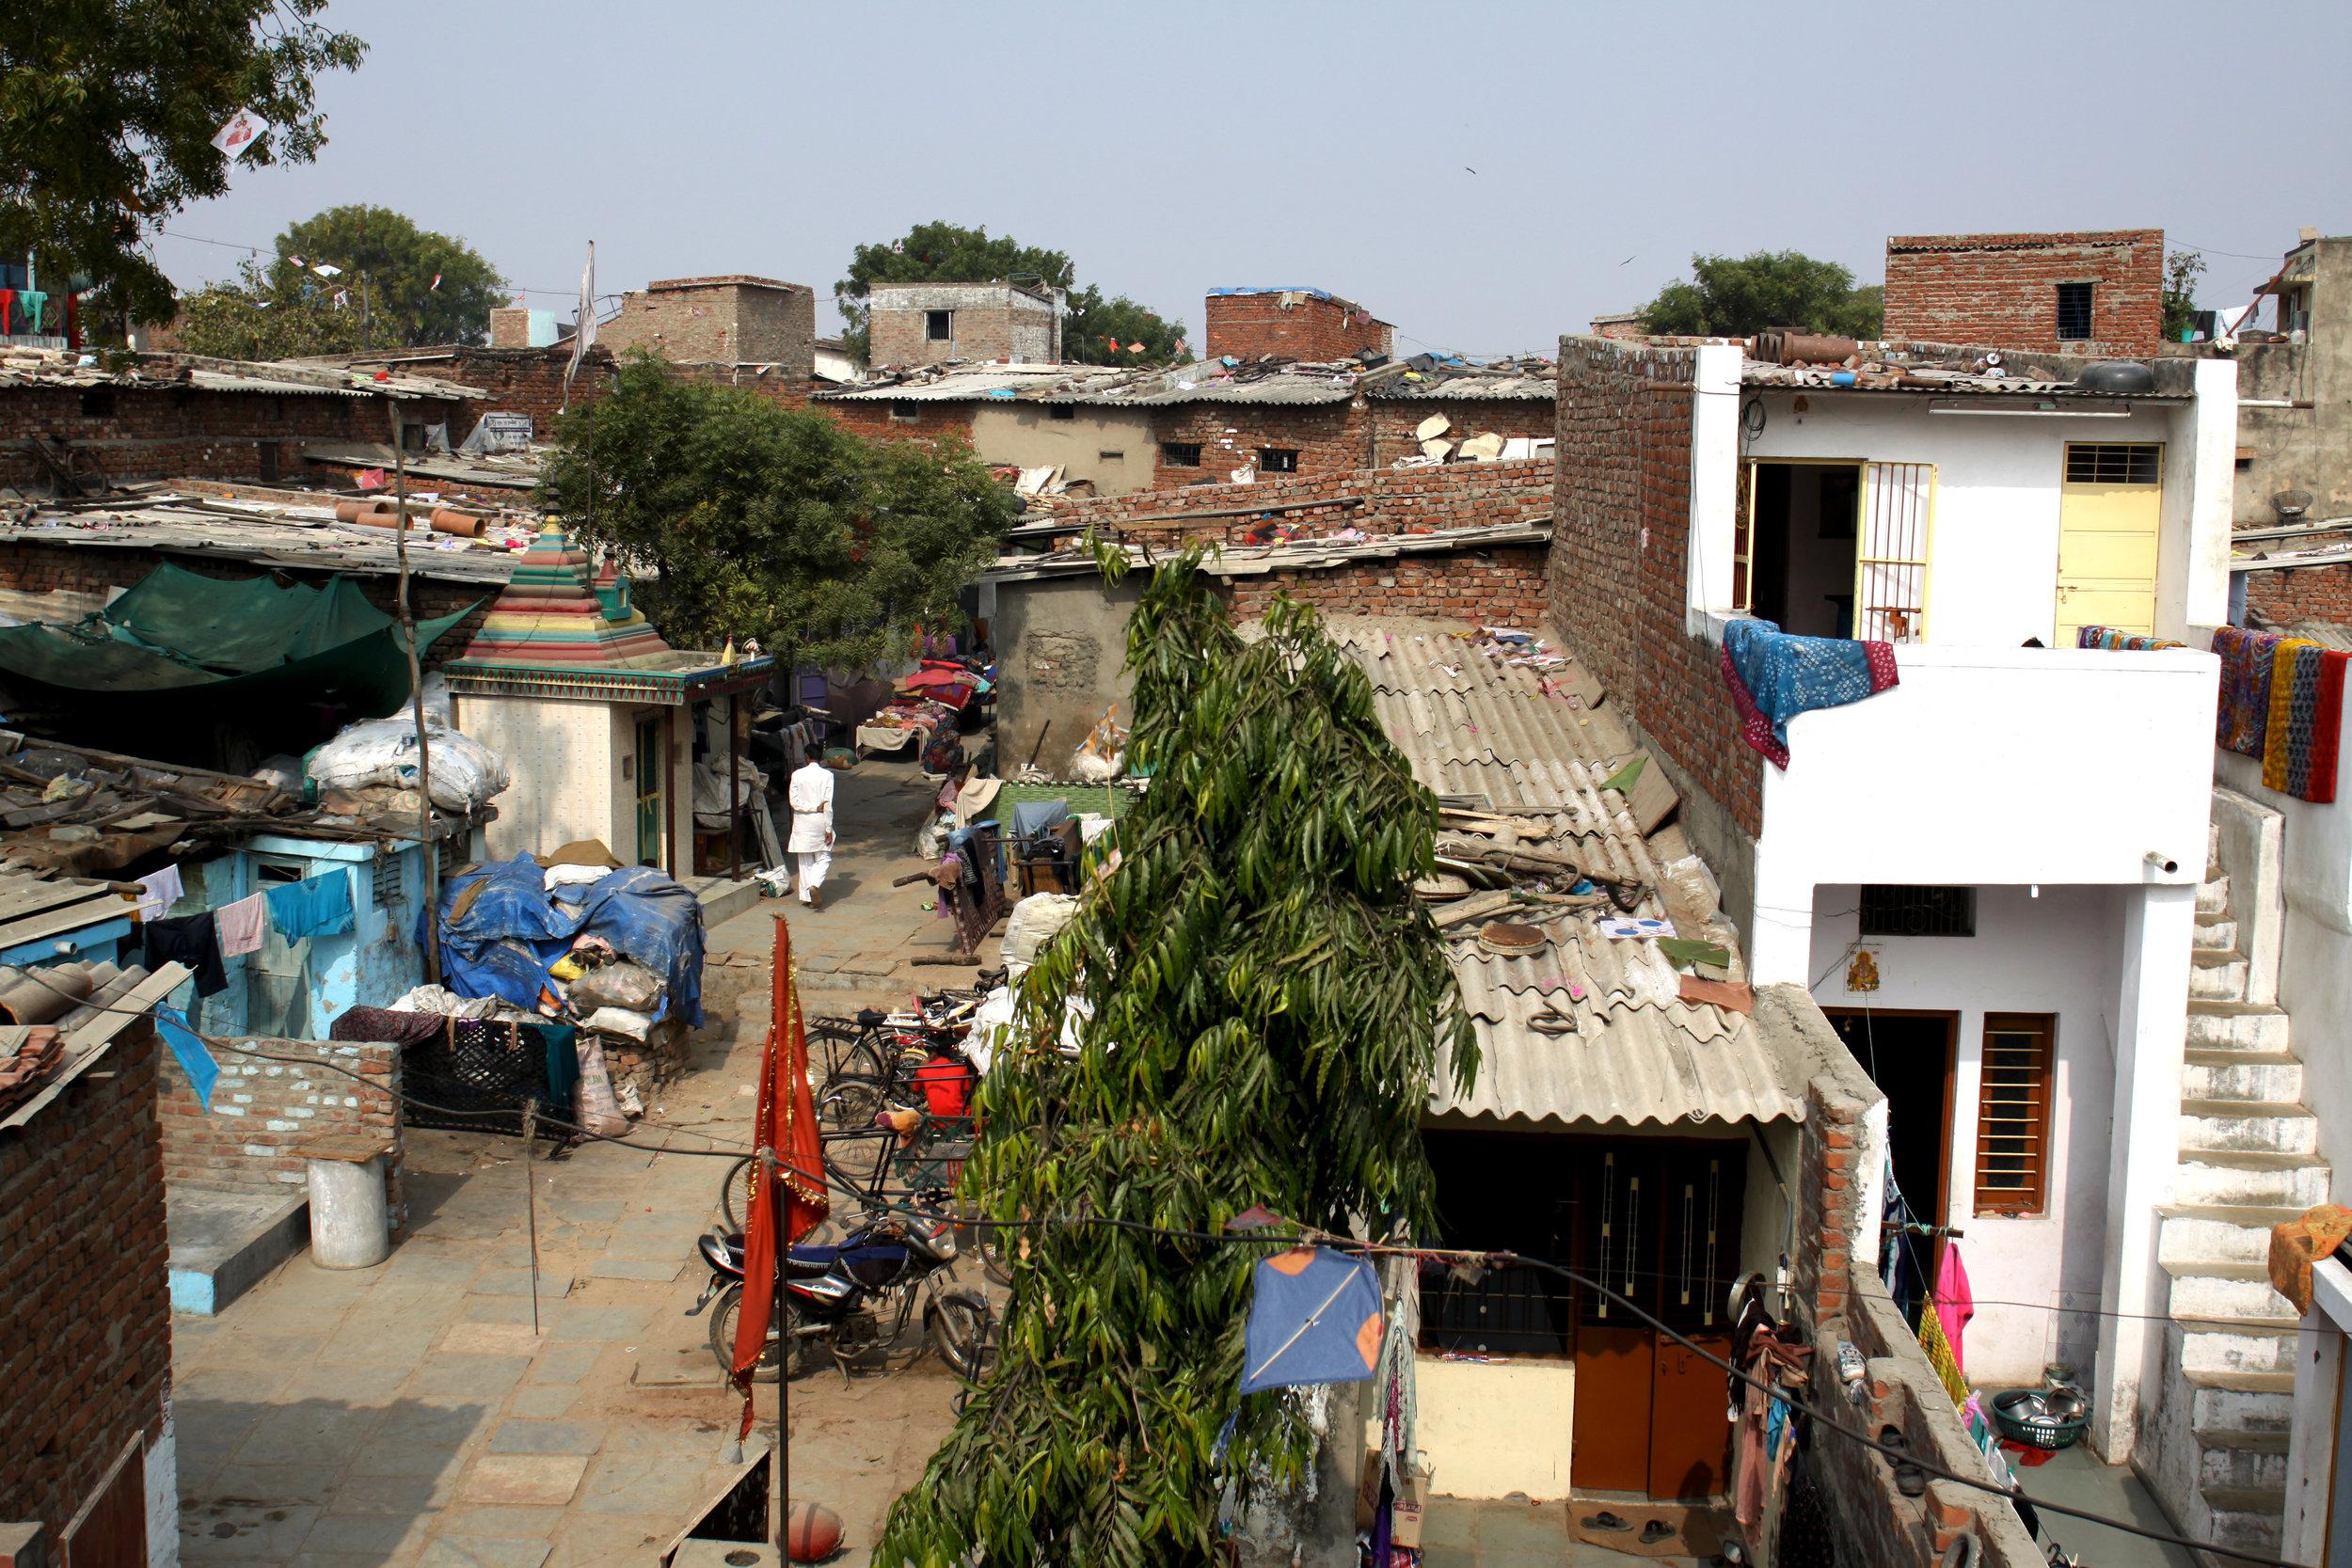 Ahmedabad_Slum_03.jpg